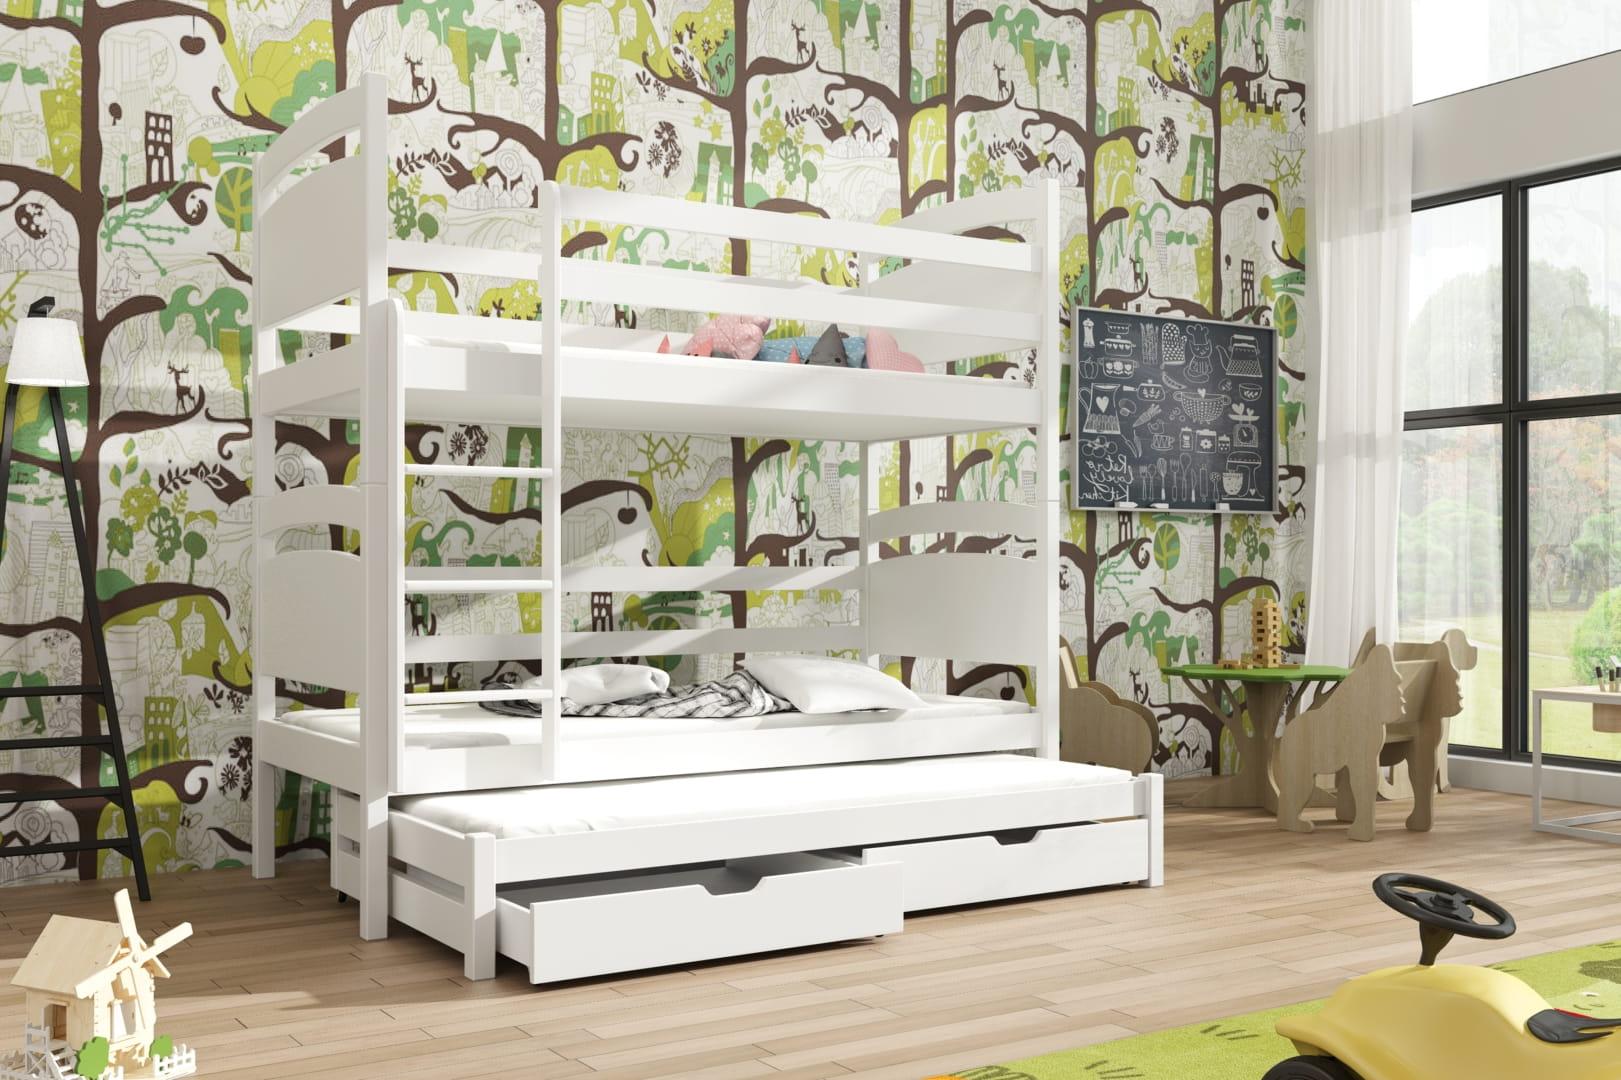 etagenbett fido etagenbett kinder etagenbett f r 3 personen. Black Bedroom Furniture Sets. Home Design Ideas